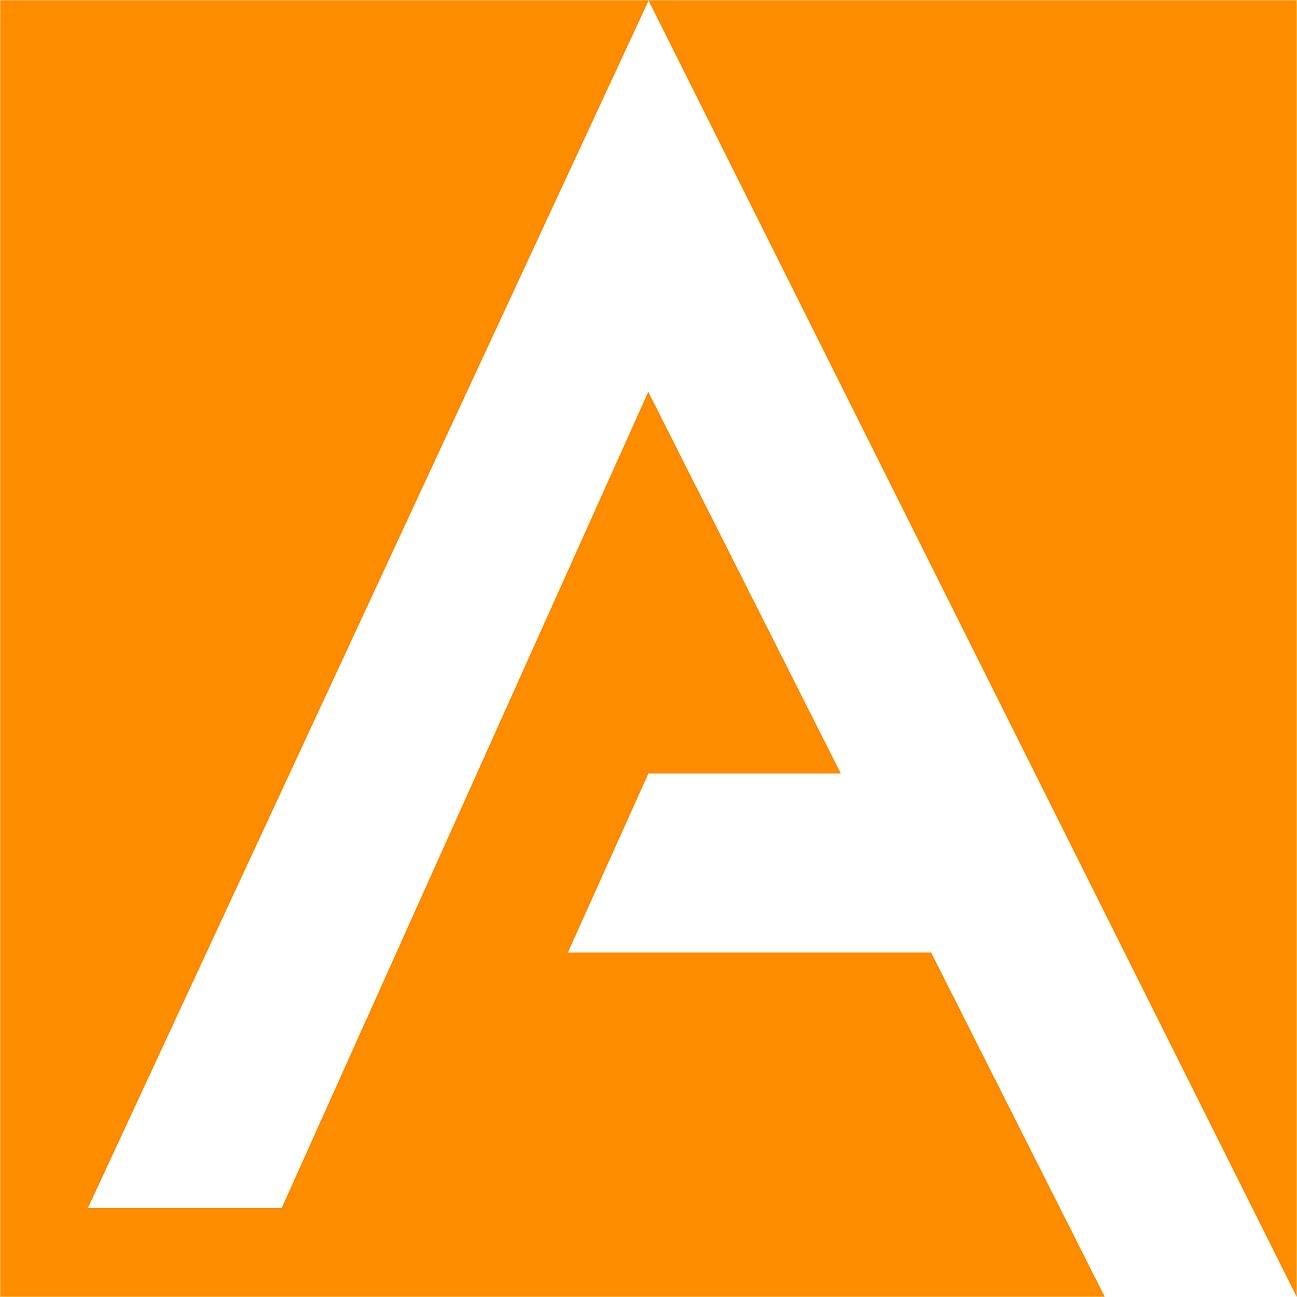 Affolter Group SA